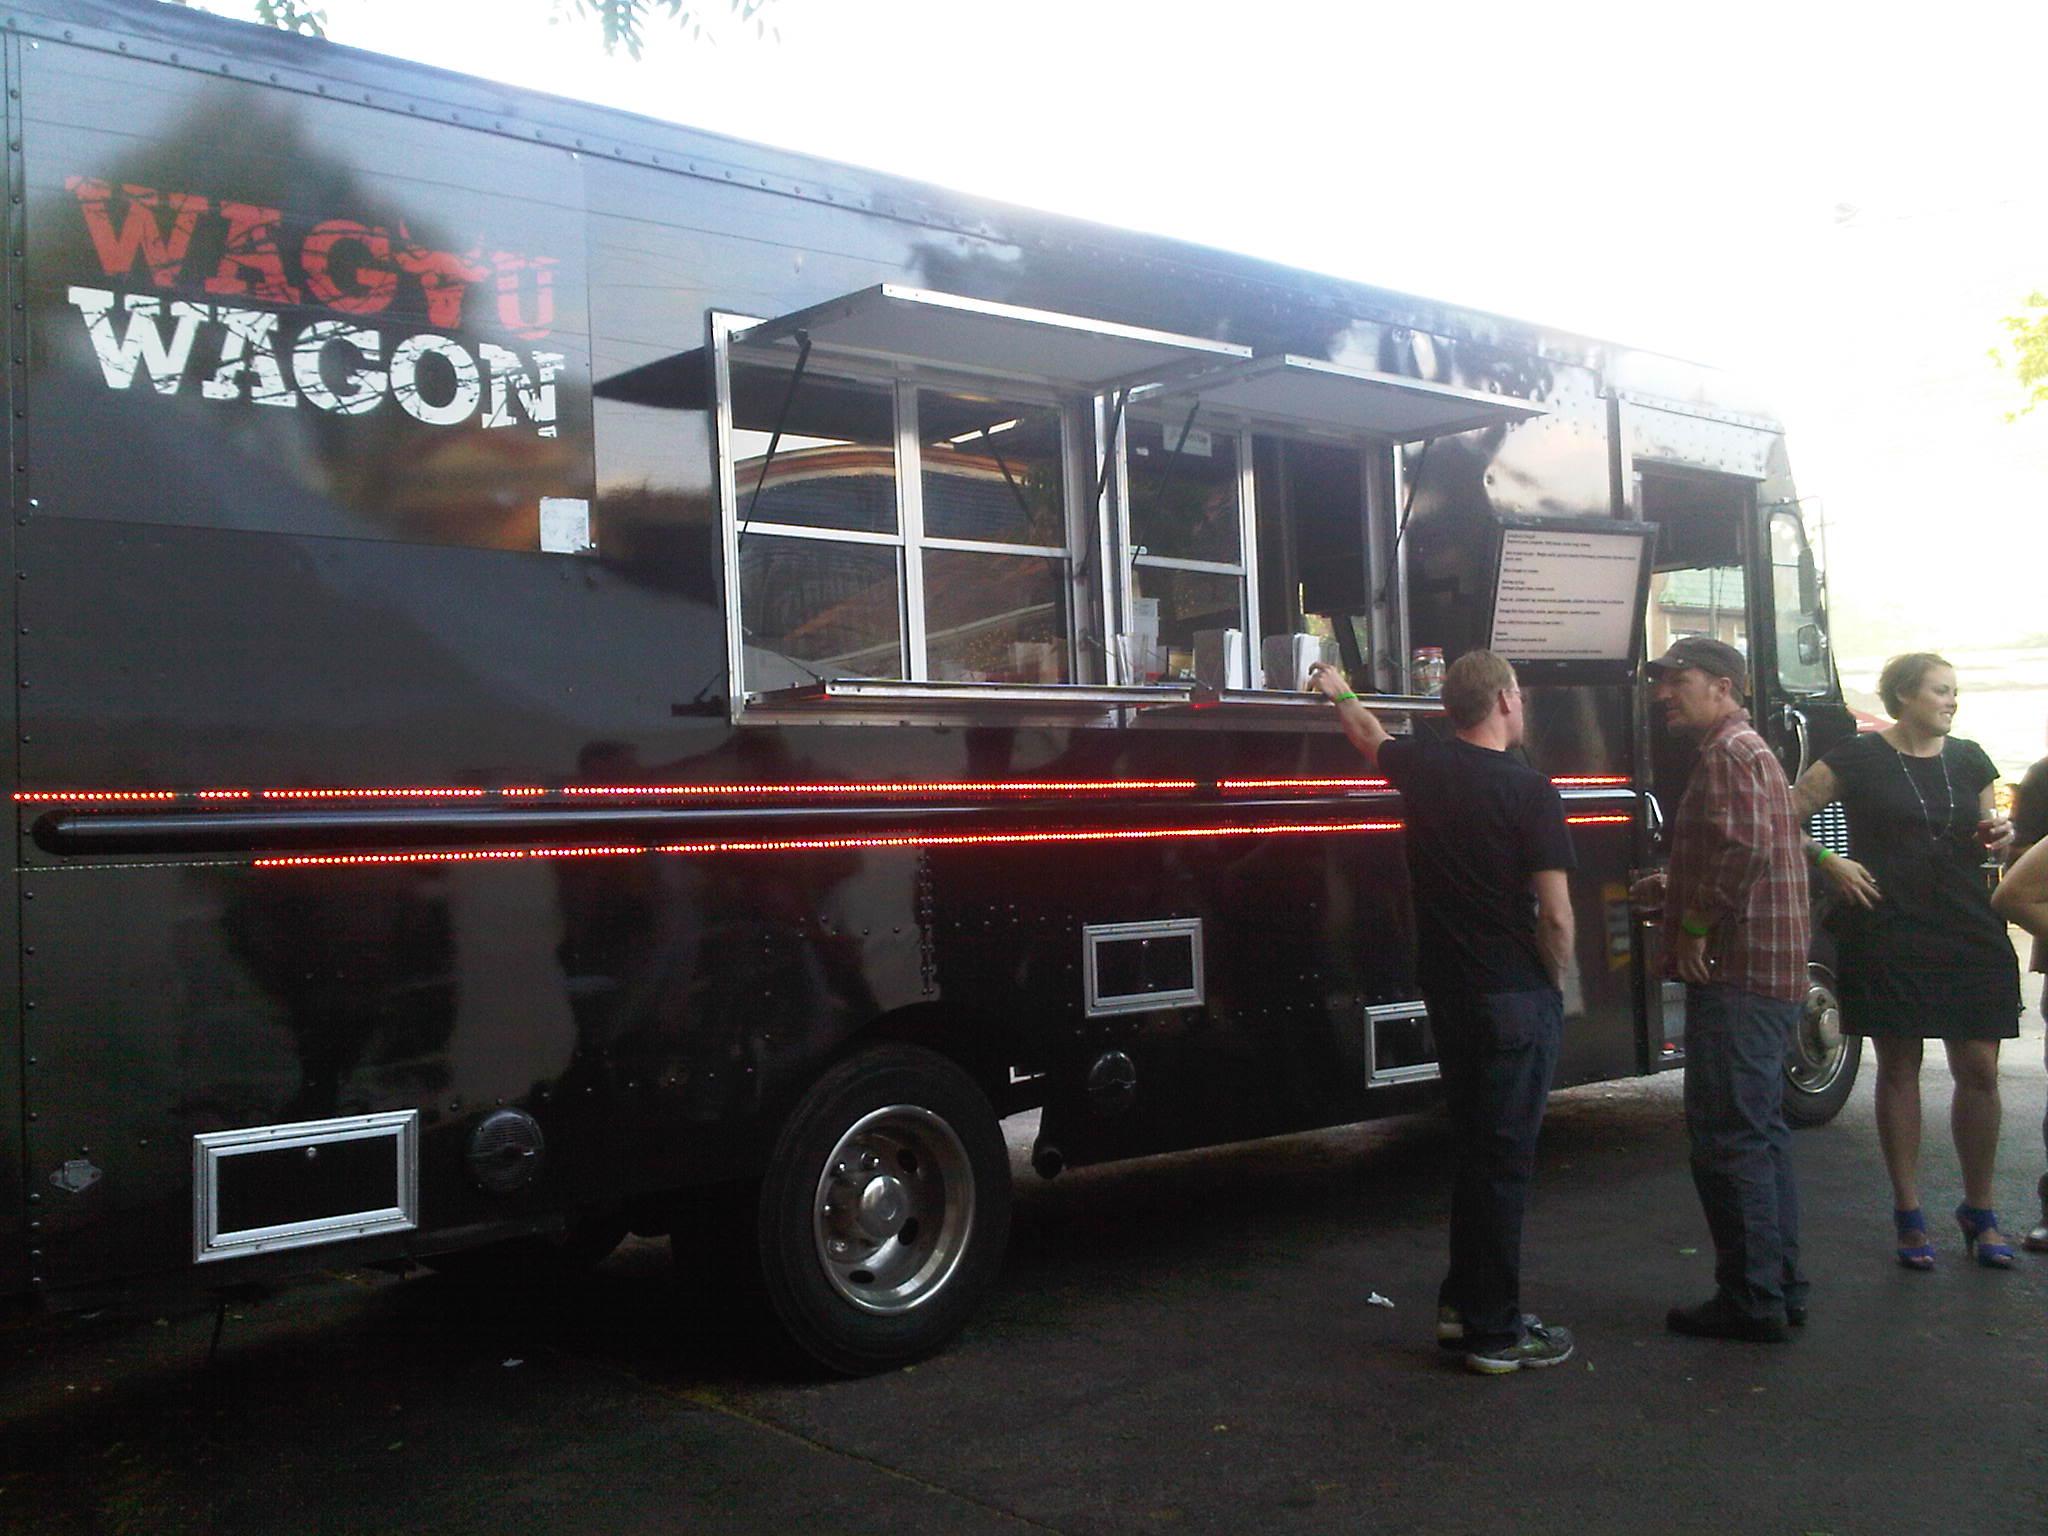 waygu wagon